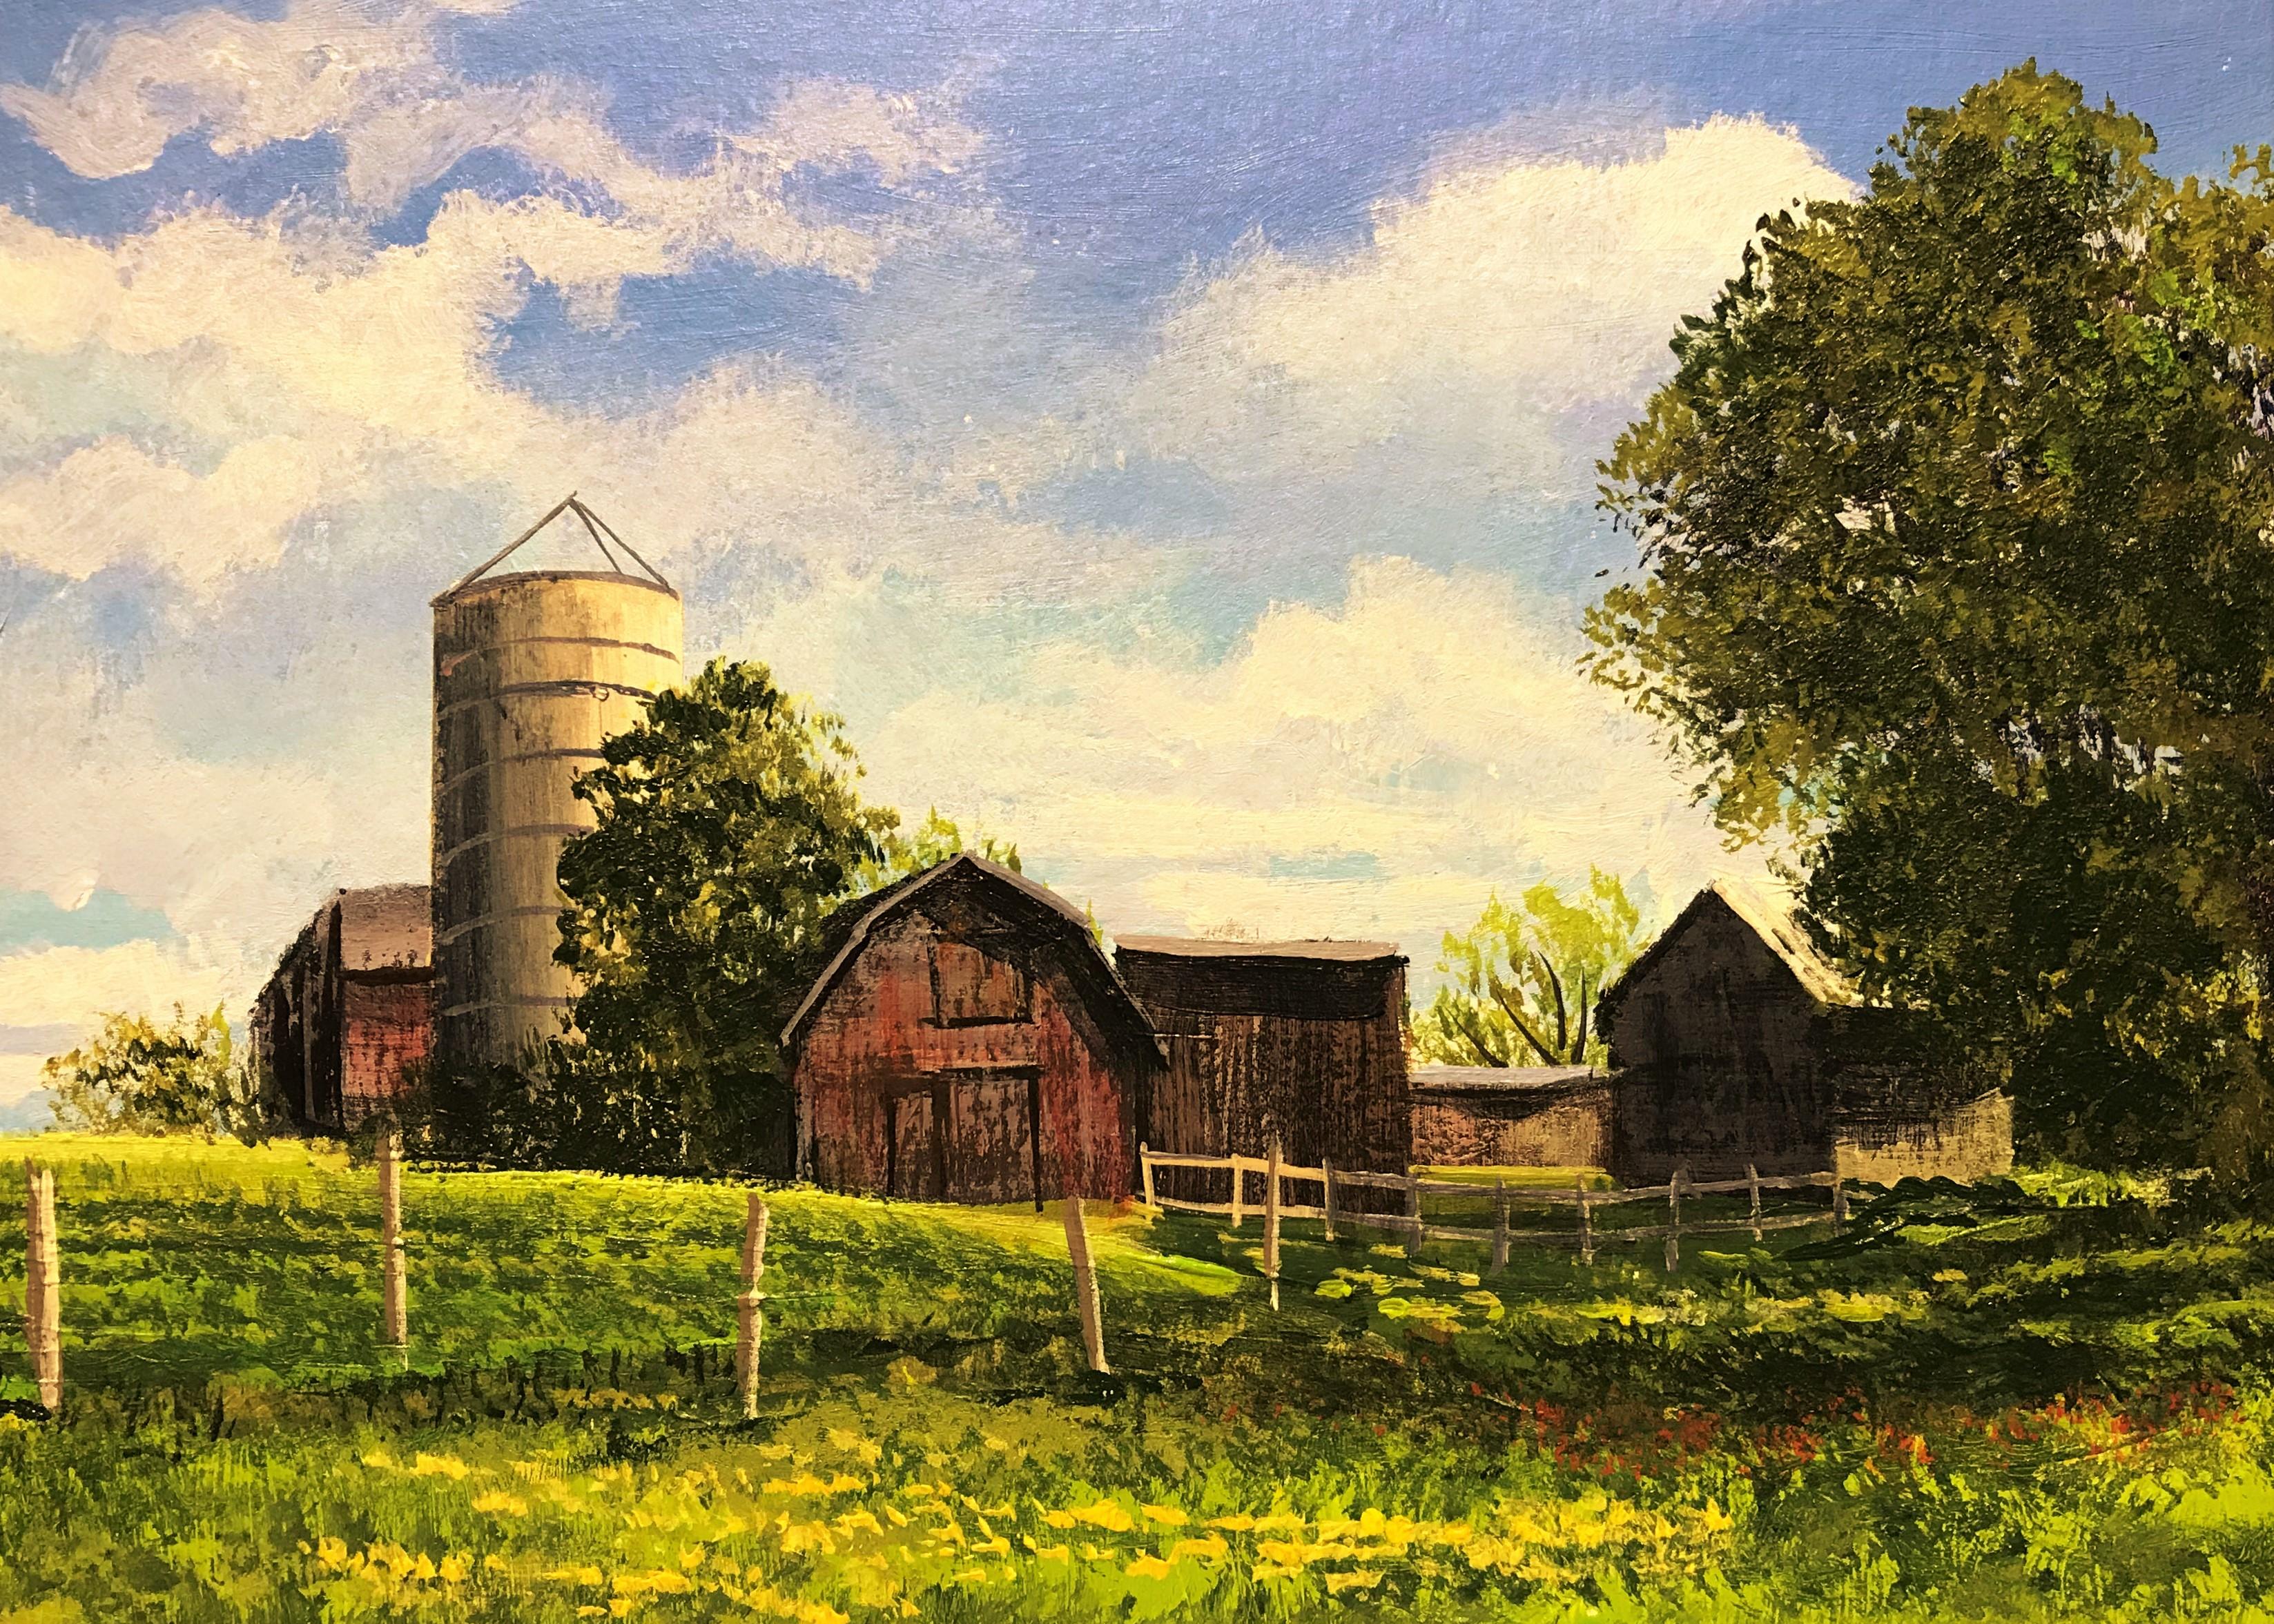 Vermont Farm in August